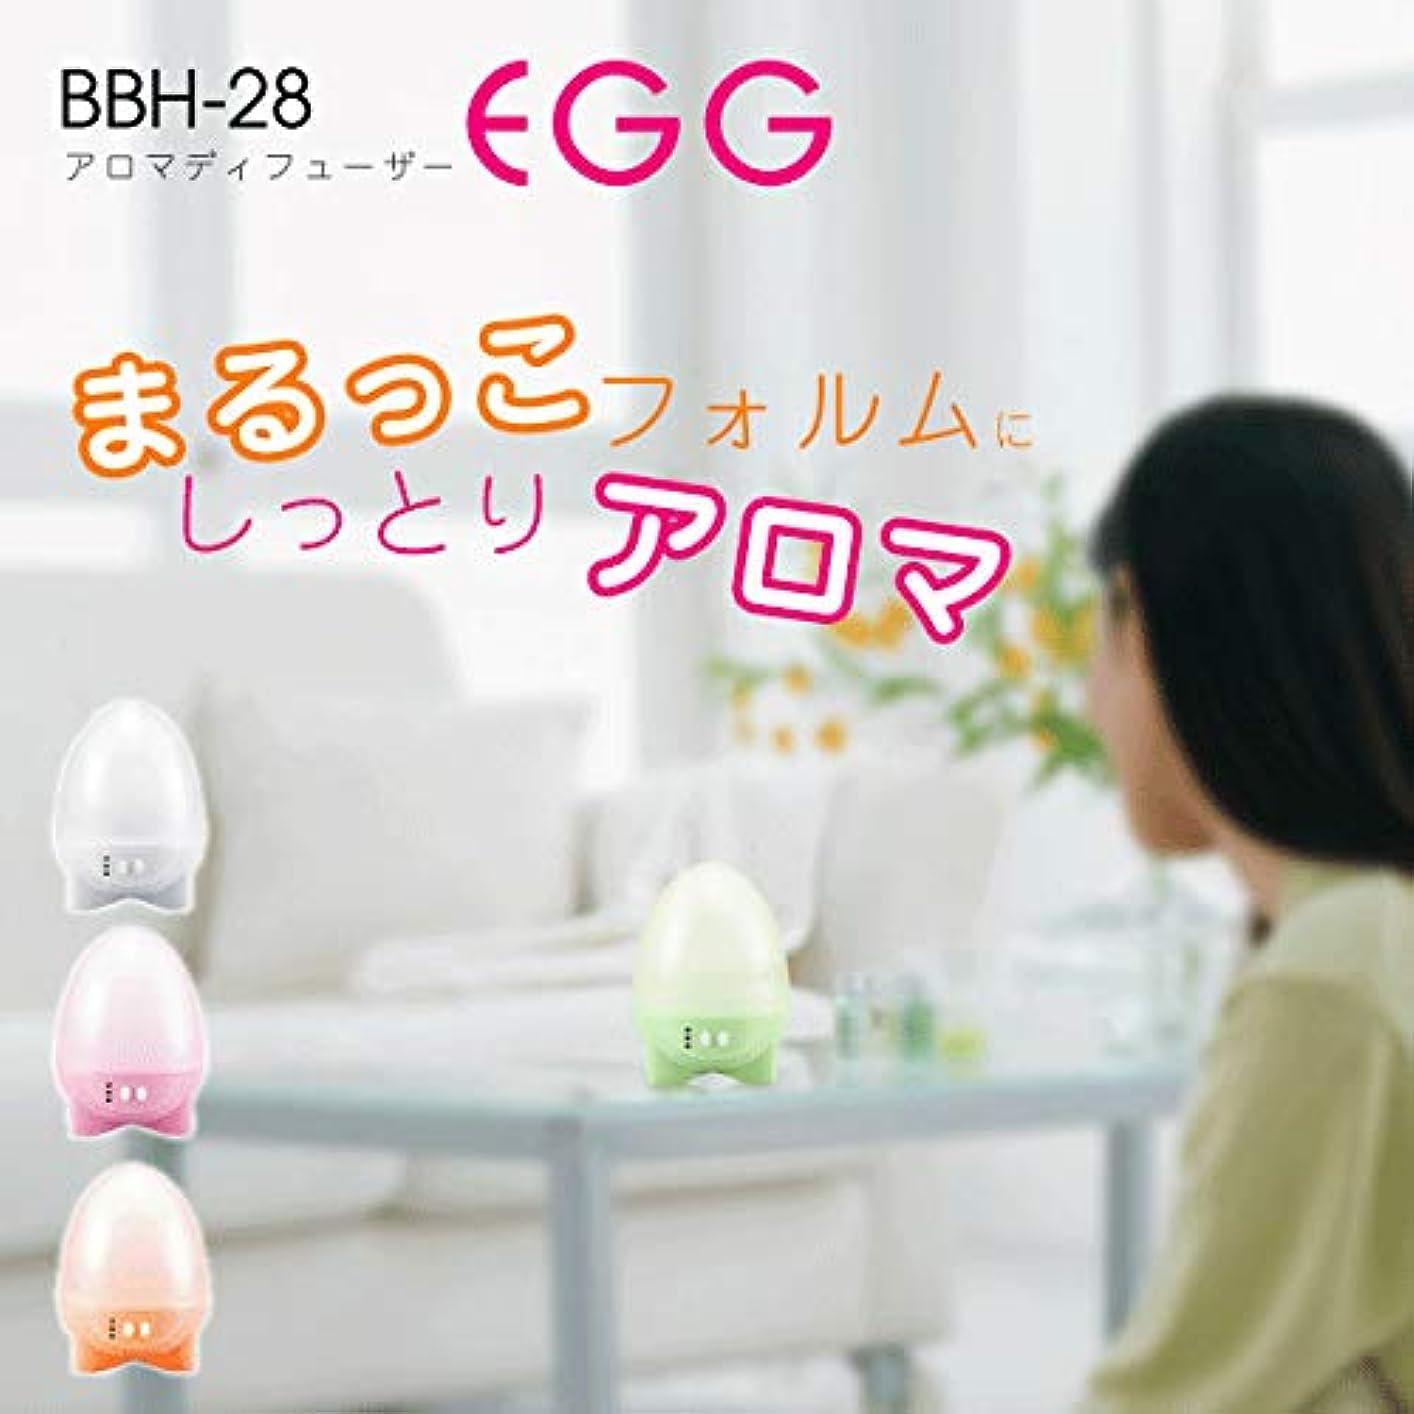 大きさ西スプレーPRISMATE(プリズメイト)アロマディフューザー Egg BBH-28 [在庫有]